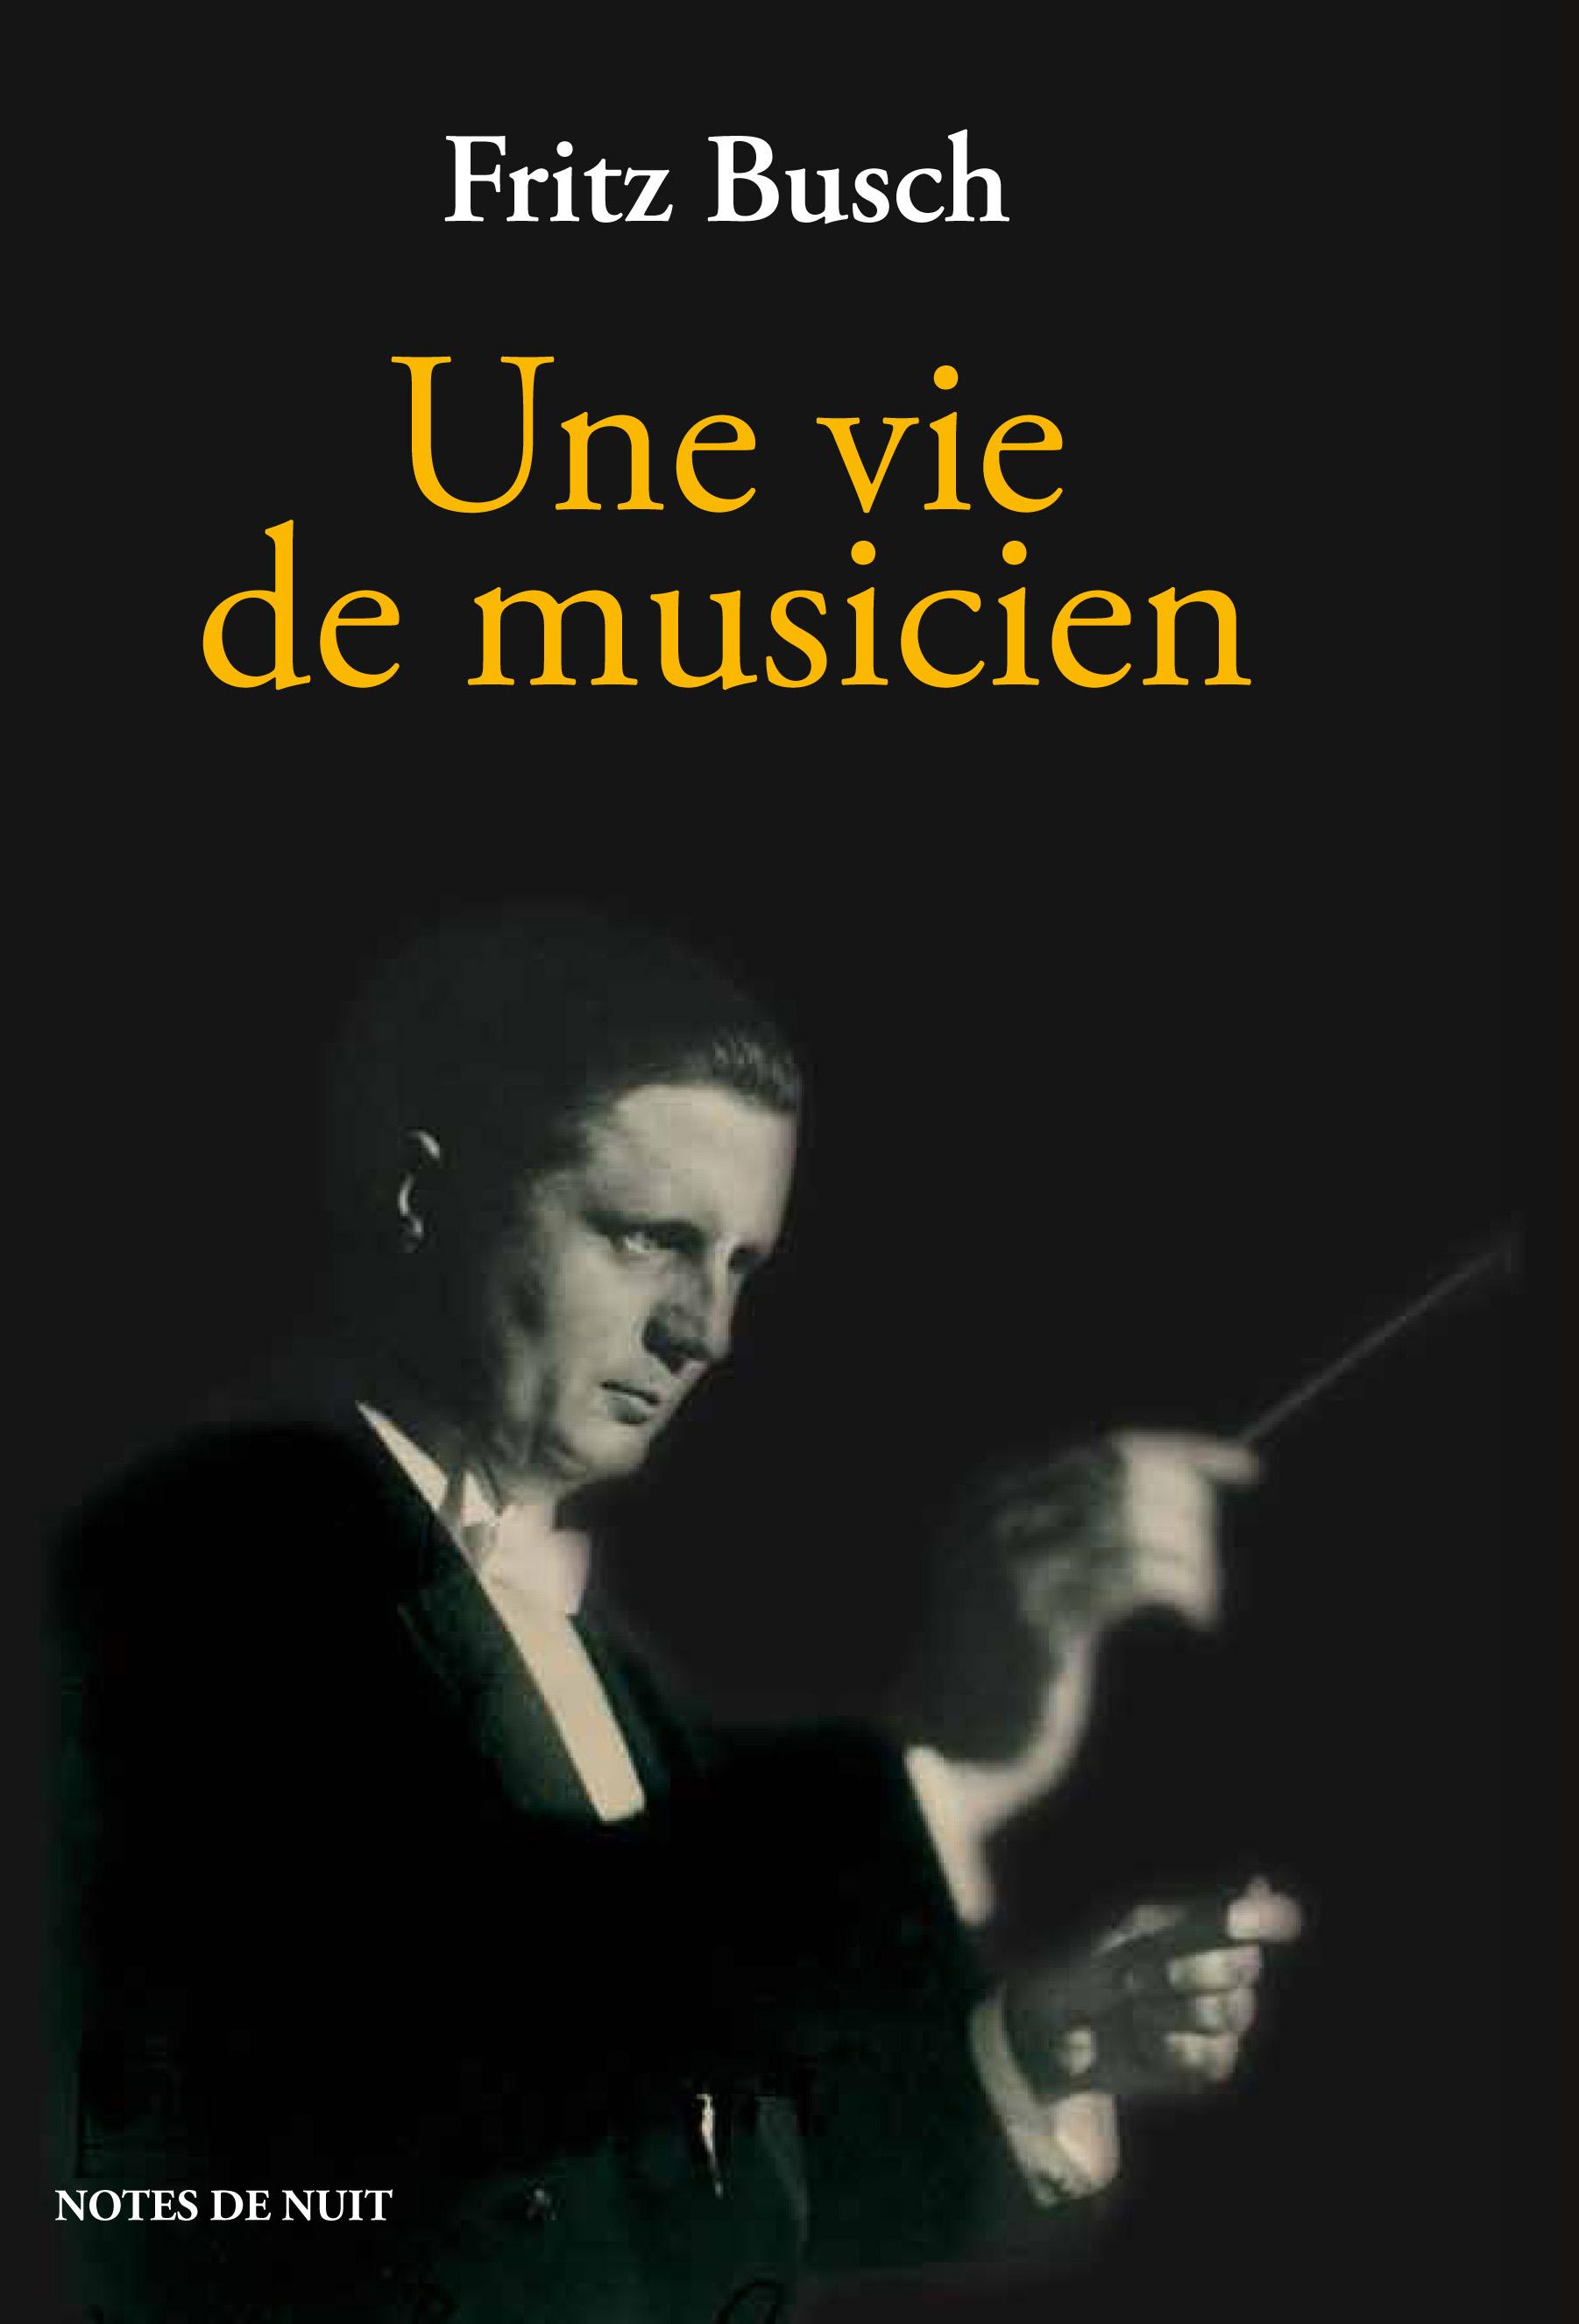 Fritz busch 1933 - 1954 biographie volume 1 - NdN_VieDeMusicien_Couv